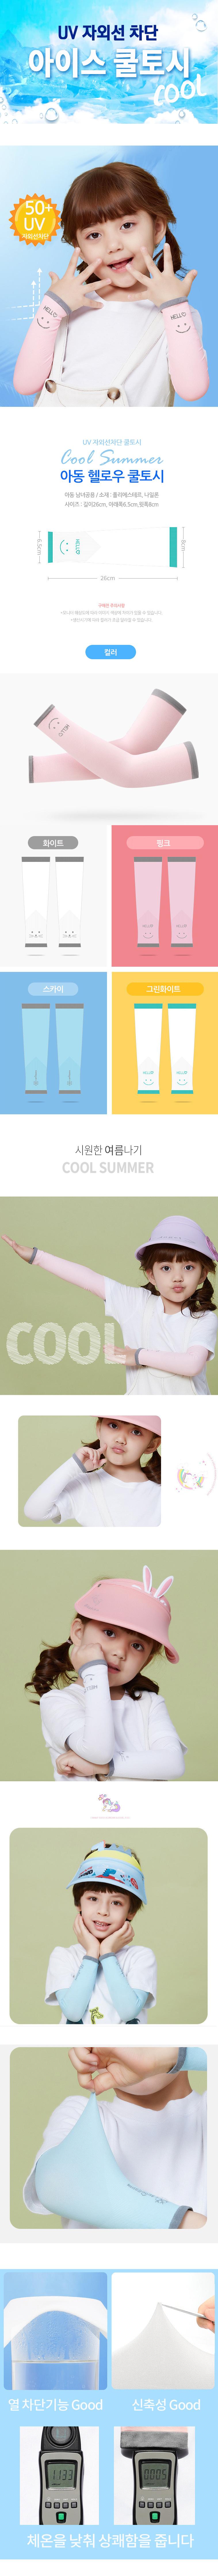 kidshellocool.jpg